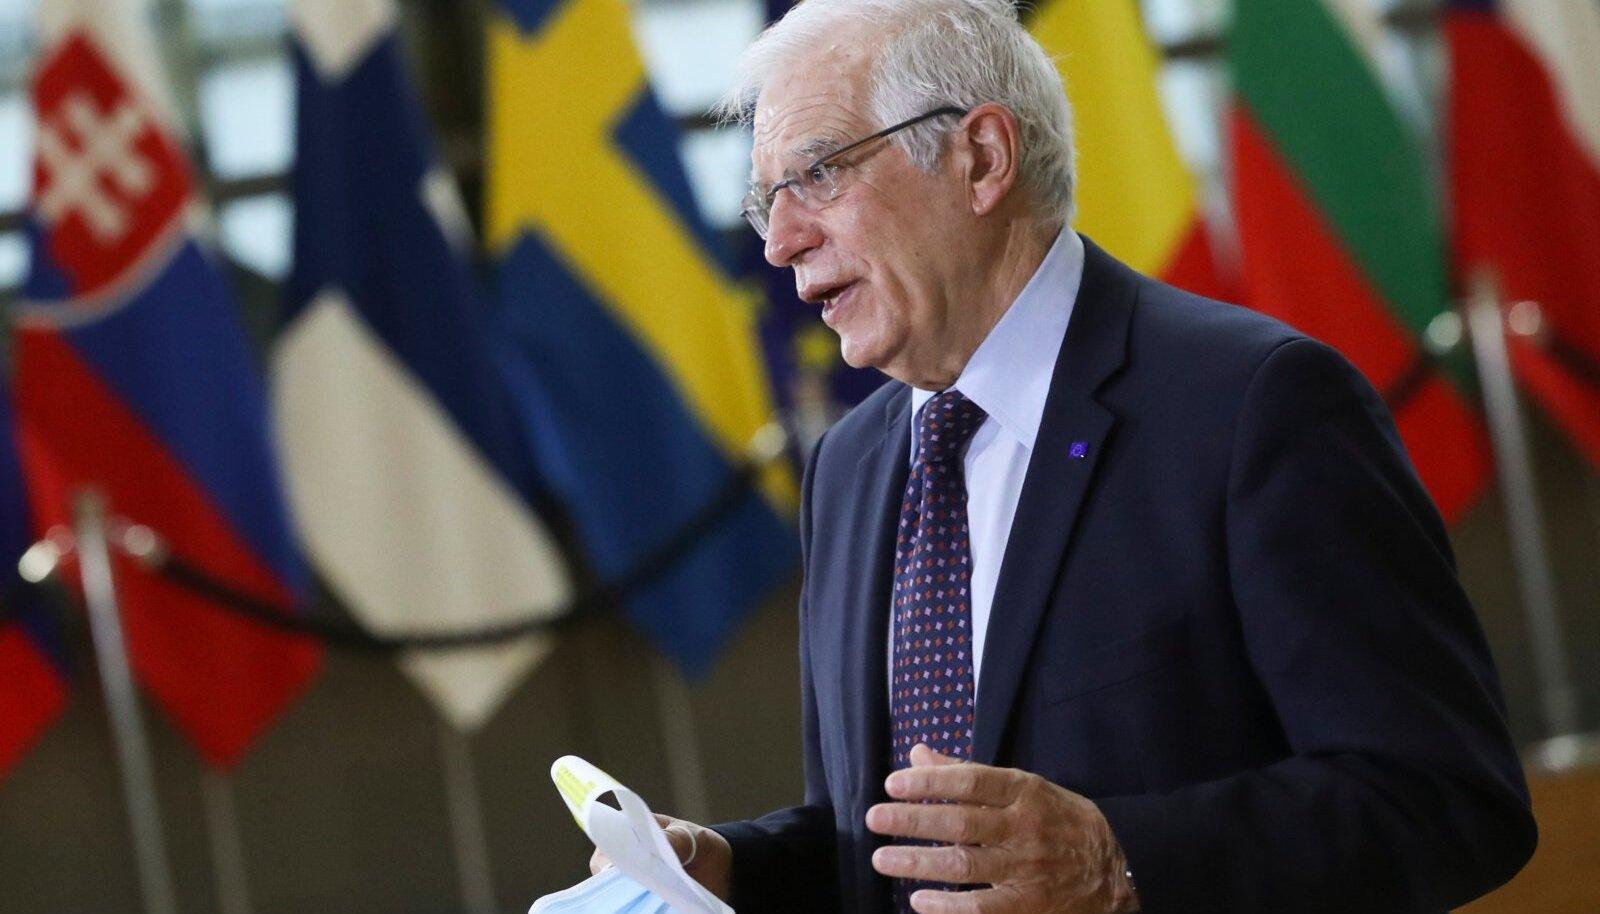 """""""Ministrid olid üksmeelel, et Venemaa liigub autoritaarsuse suunas ja Euroopast eemale,"""" ütles EL-i välisesindaja Josep Borrell."""